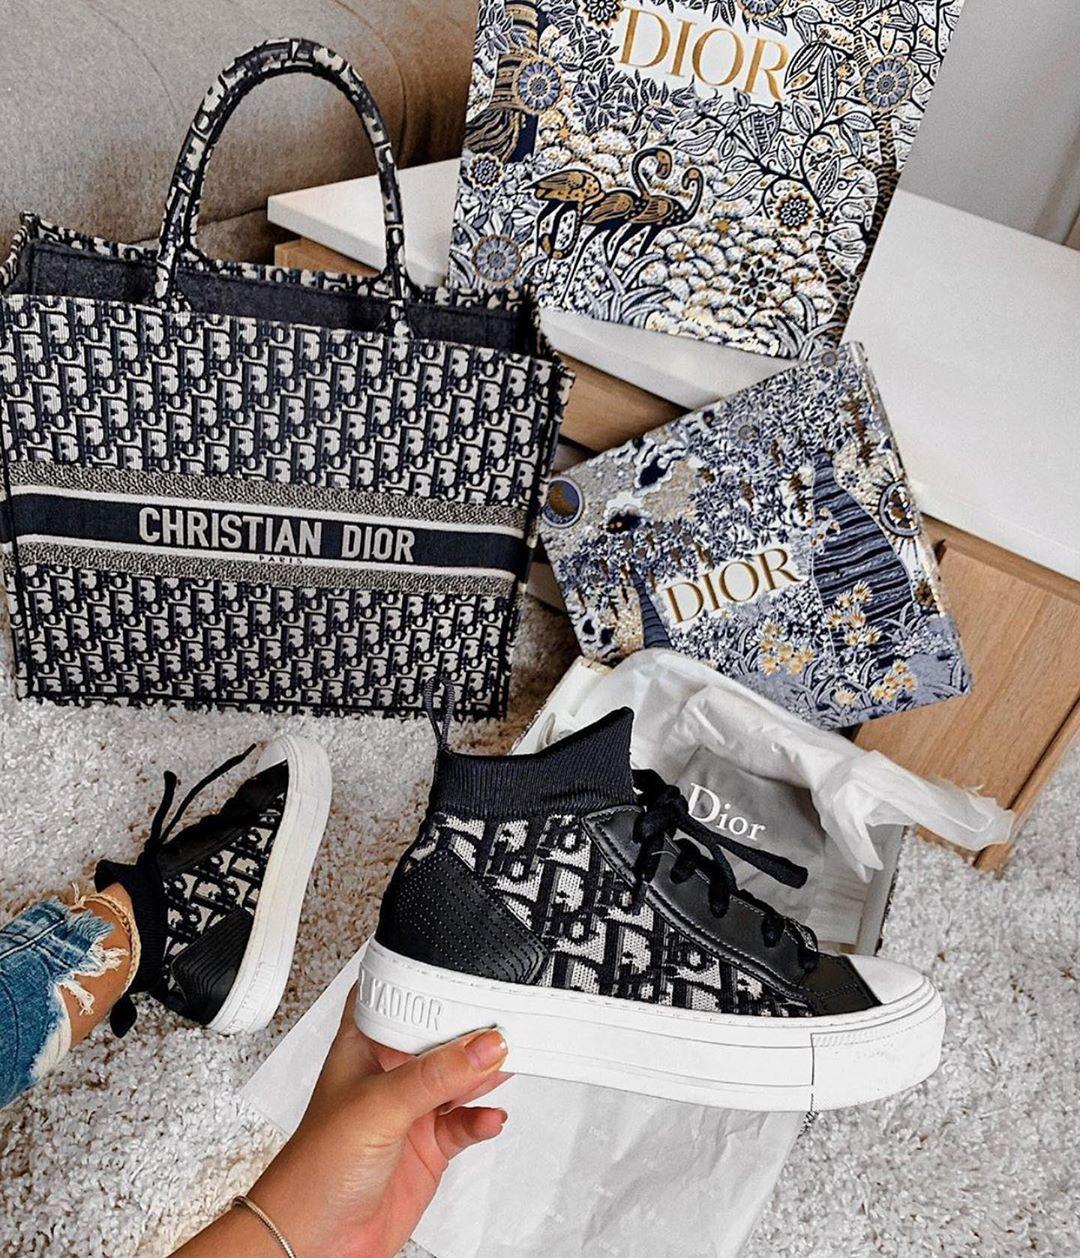 Dior handbags, Dior sneakers, Dior